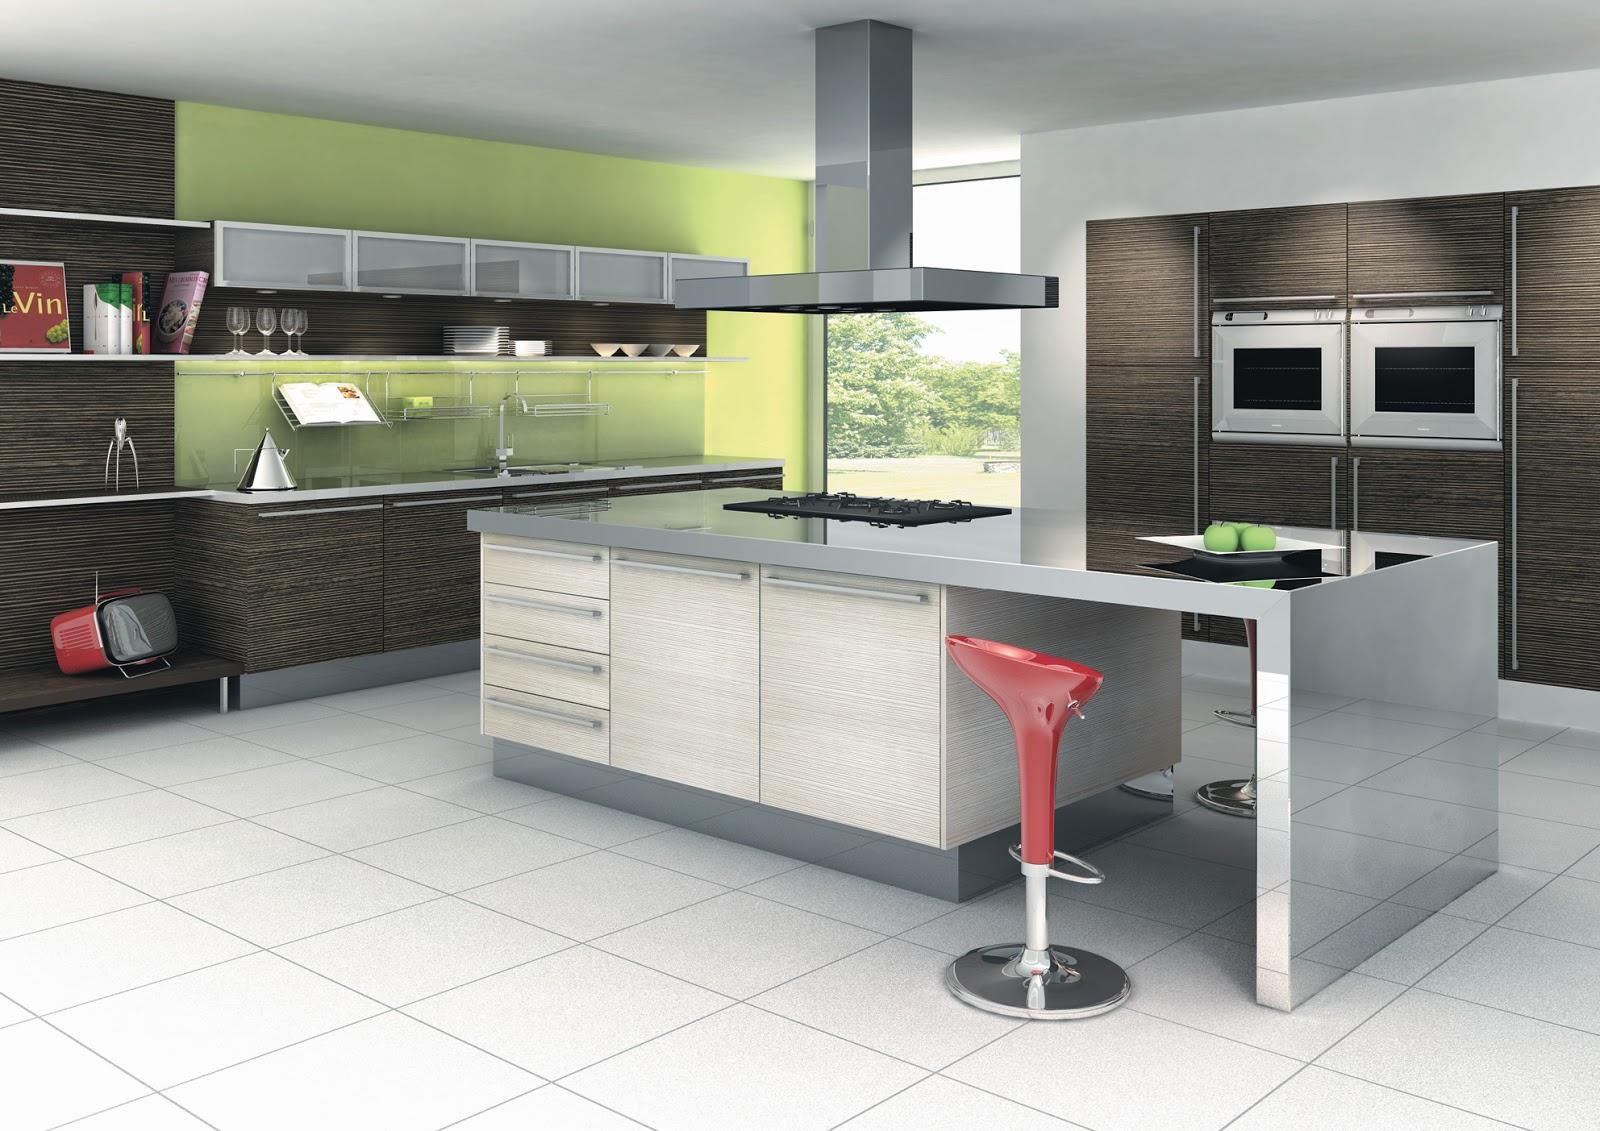 Trik Memilih Dan Menata Furniture Dapur Rumah Minimalis